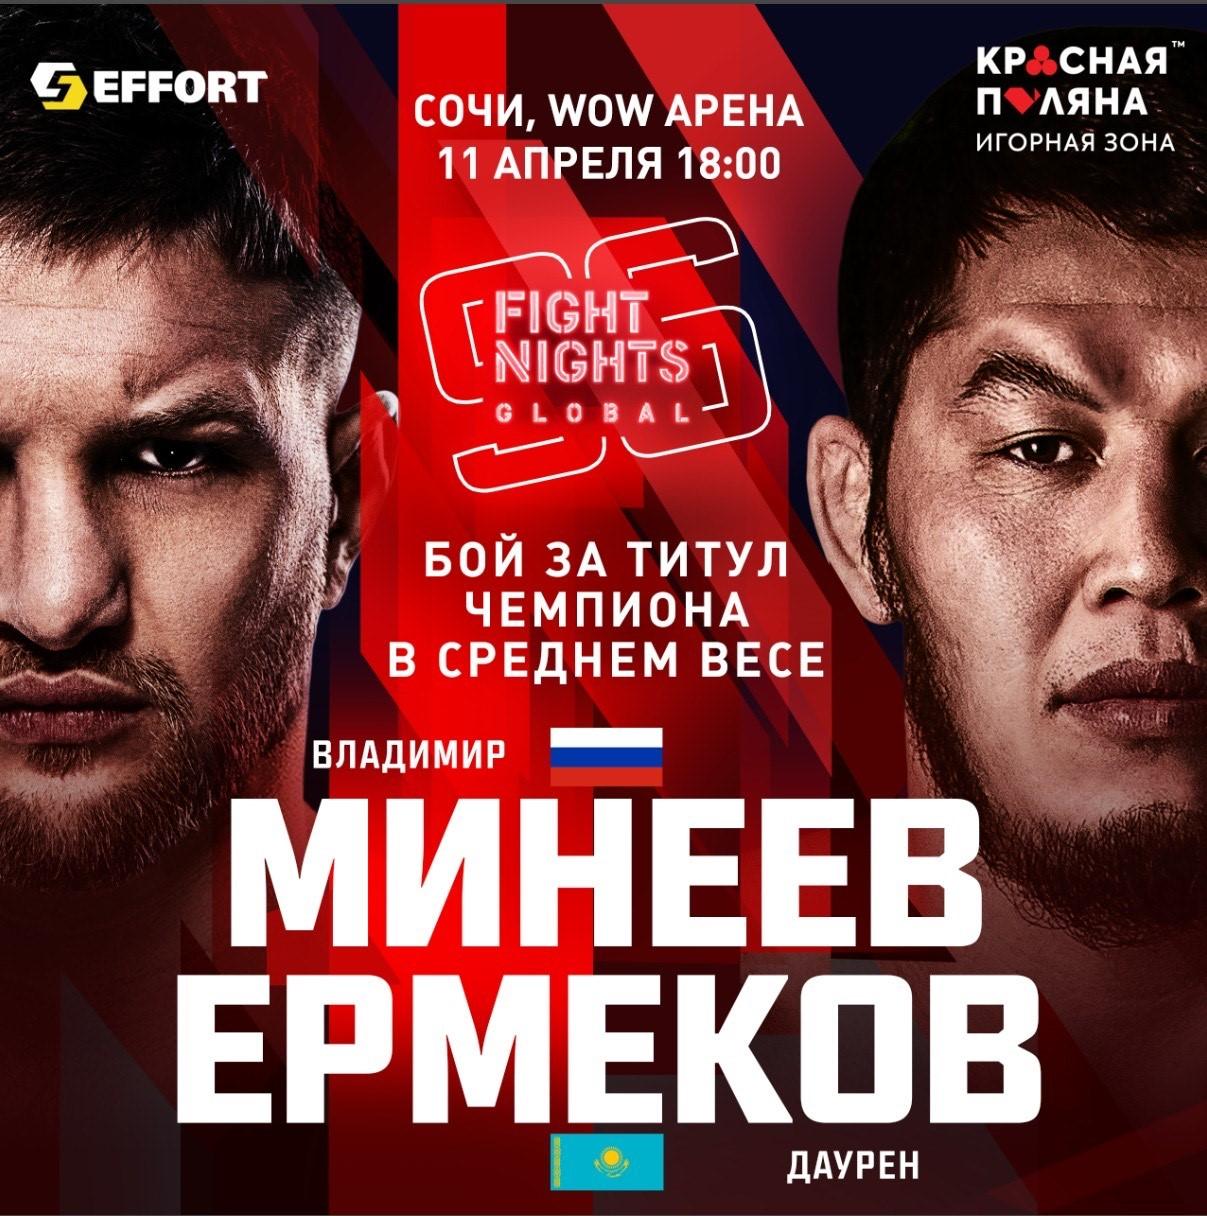 Fight Nights Global. Бой за титул чемпиона в среднем весе., фото